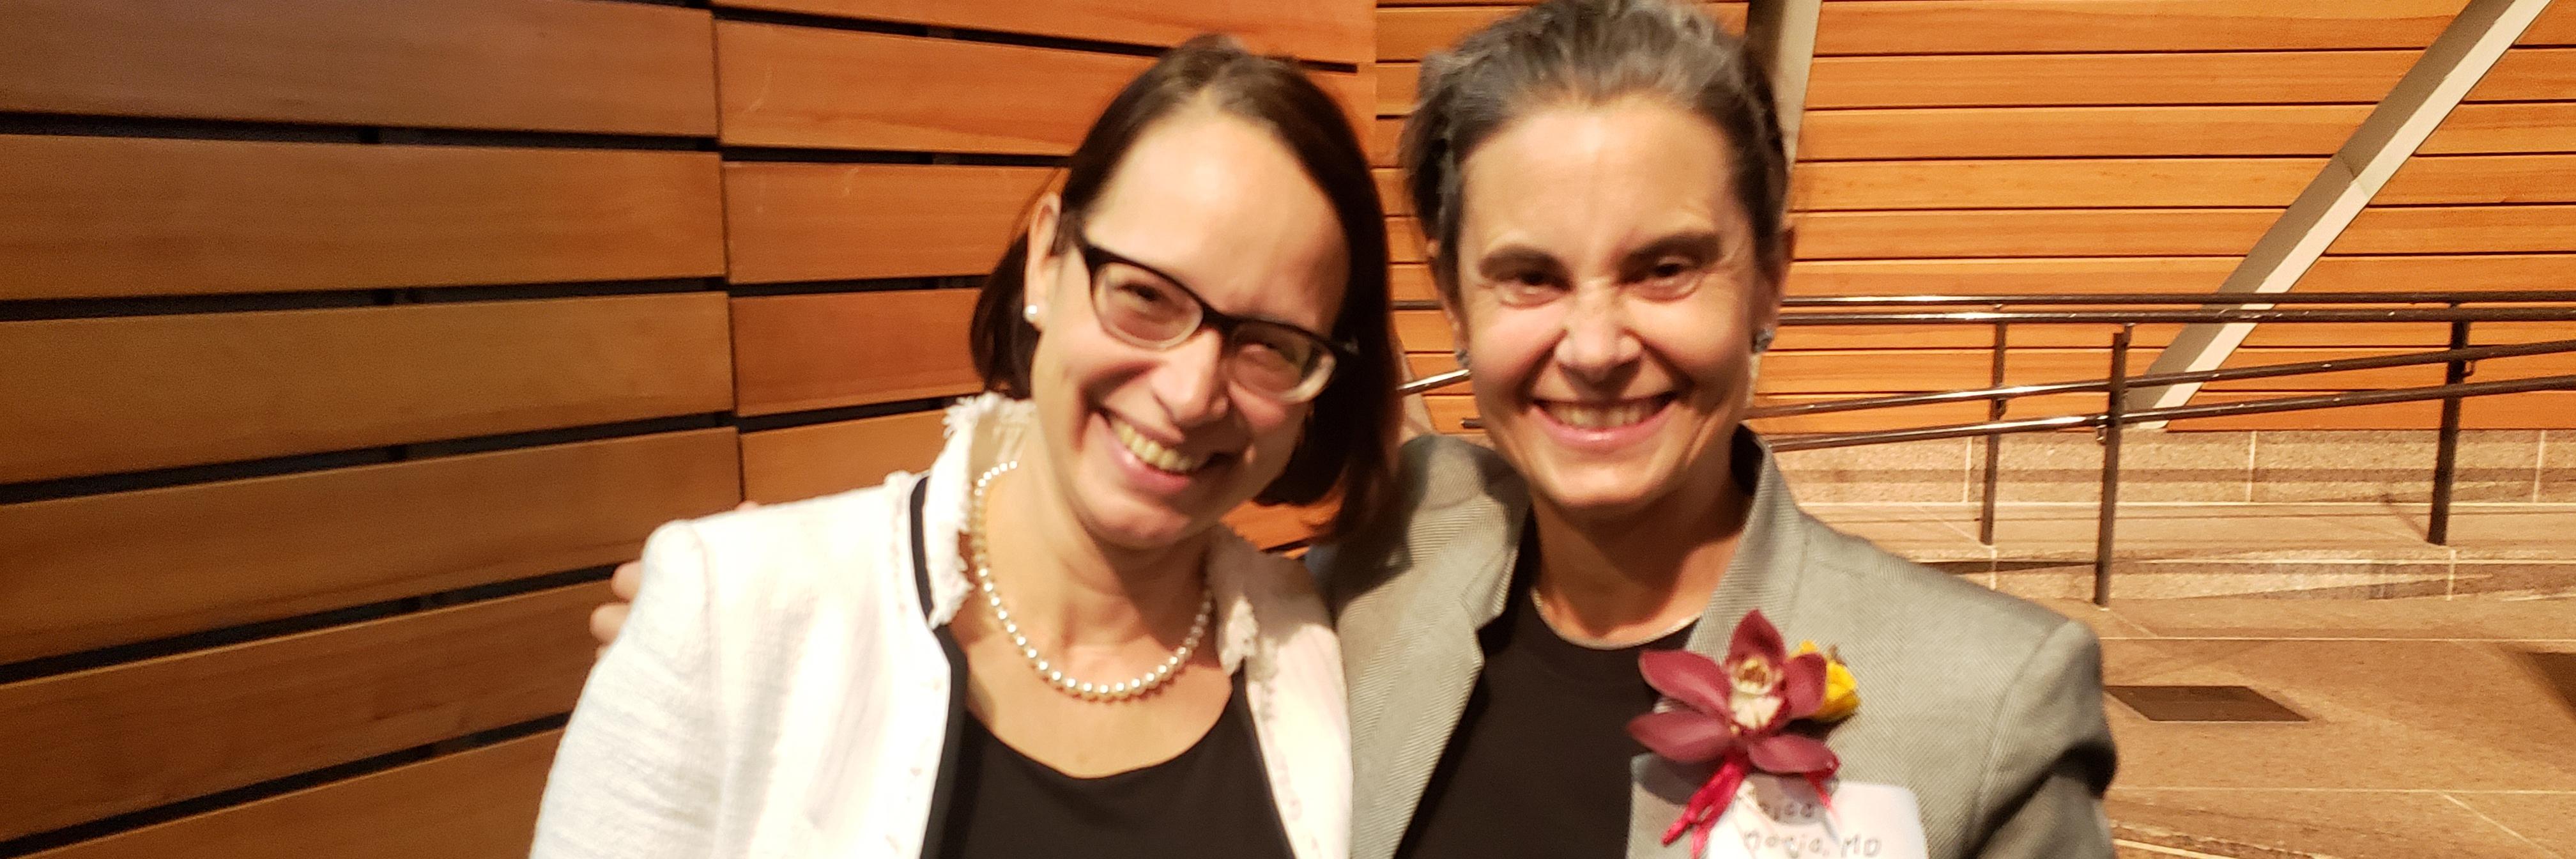 Dr. Richtsfeld and Dr. Konia